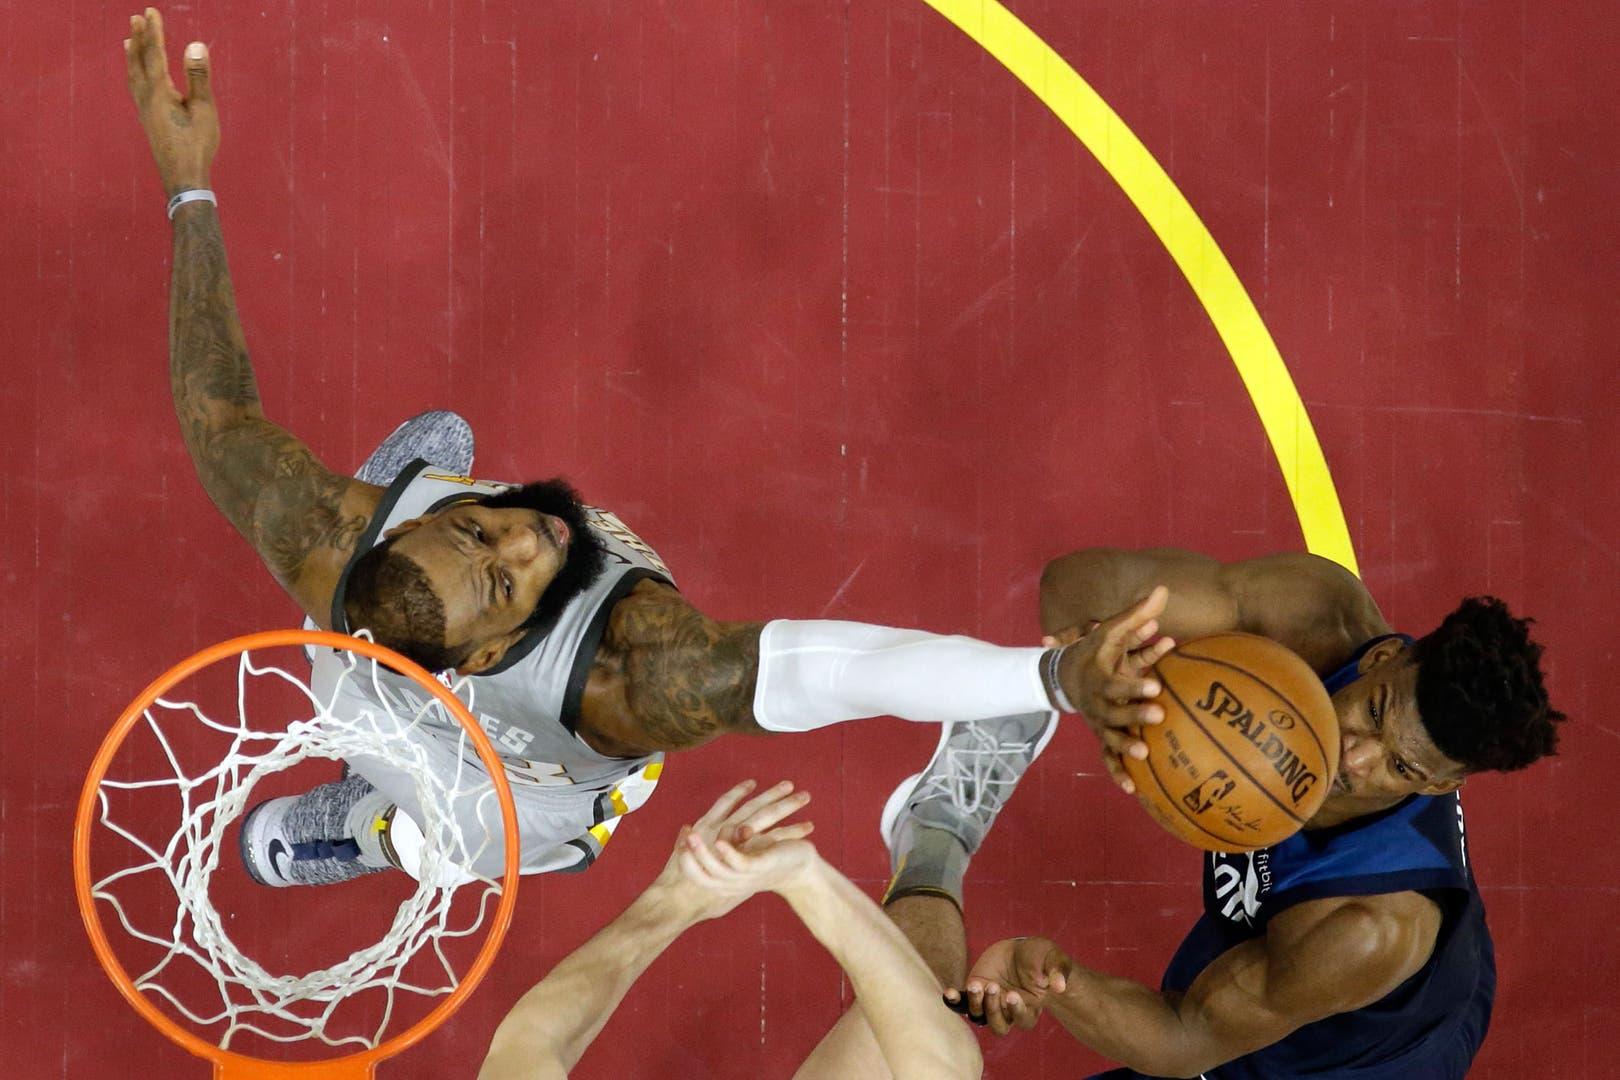 El momento clave del partido: el tapón de LeBron James a Butler